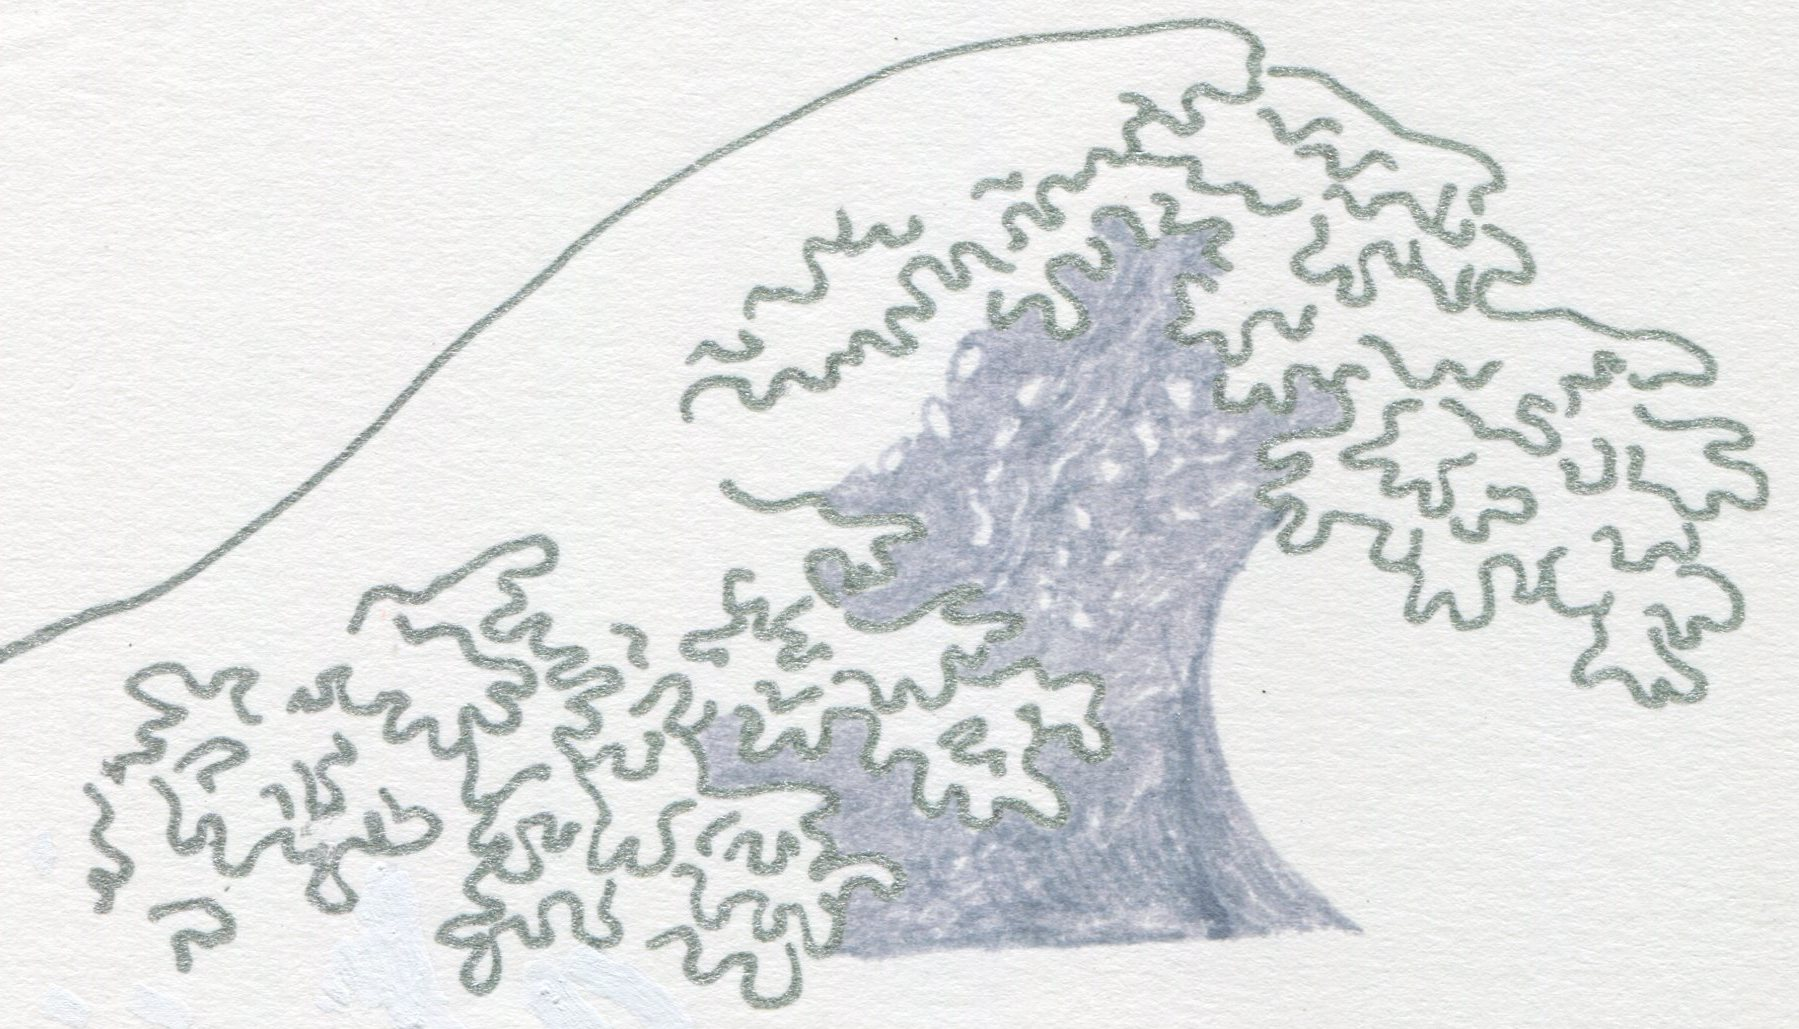 Wave & Drop illustration #1.jpg